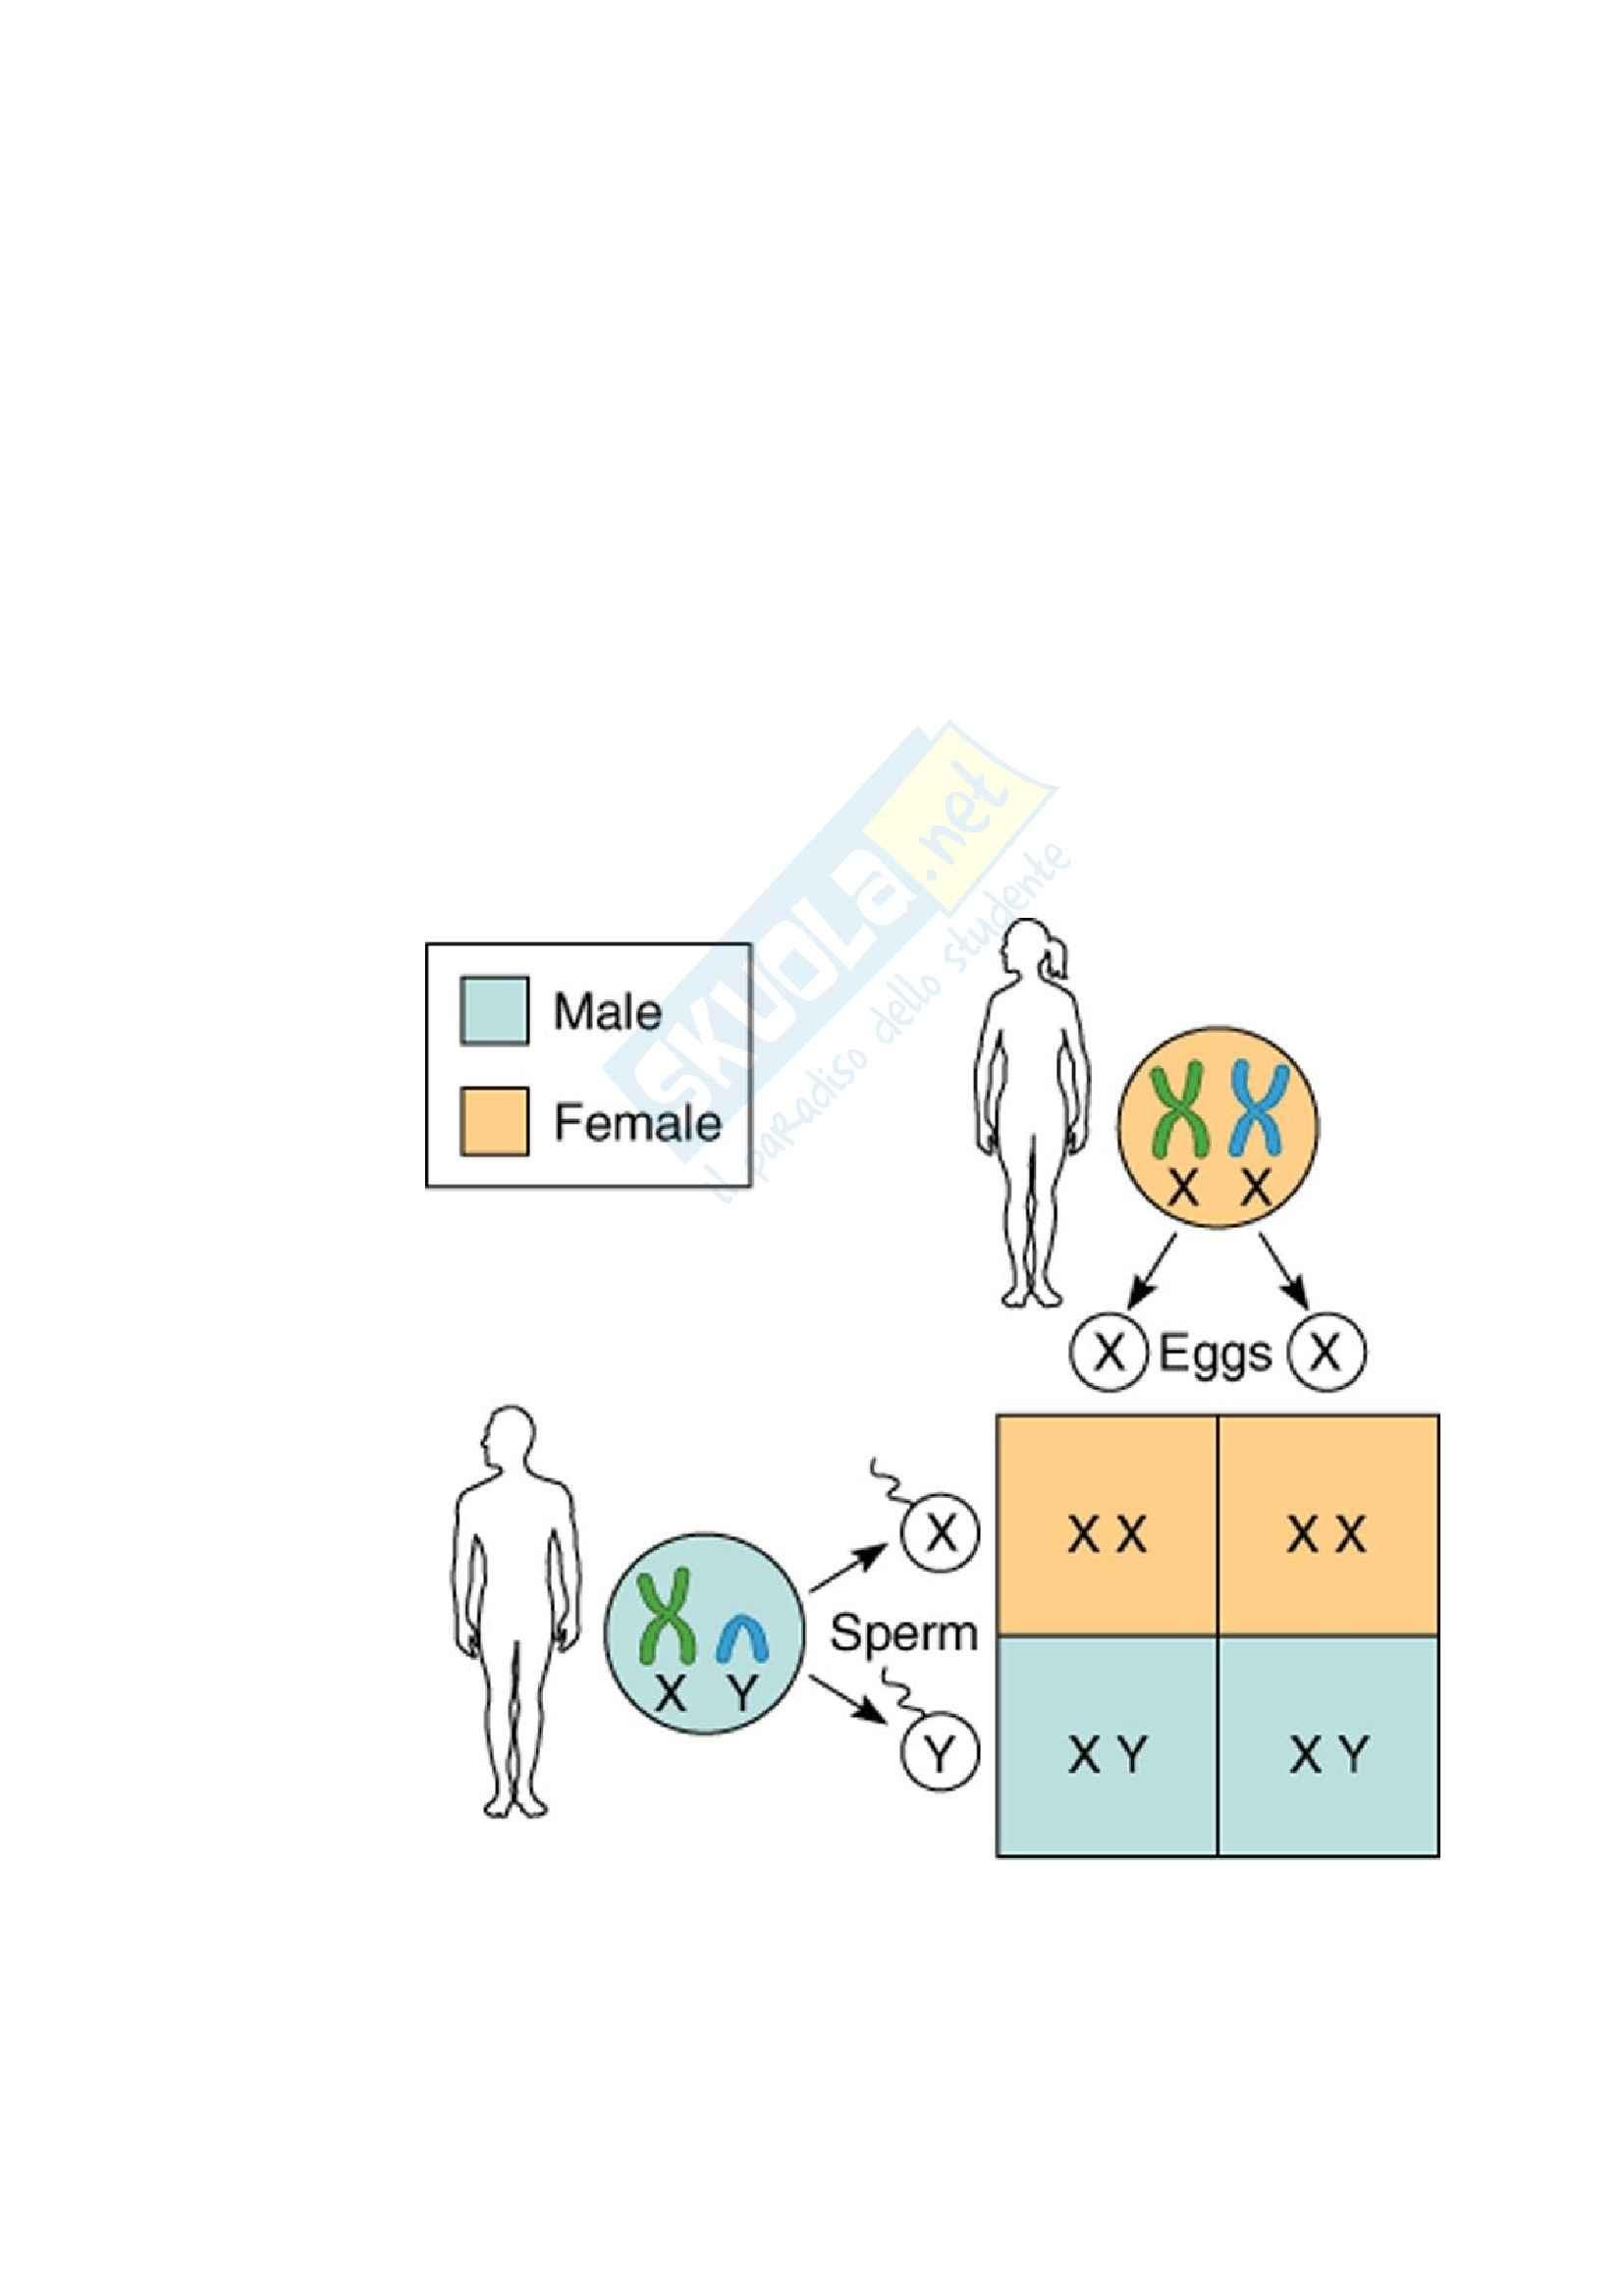 Biologia molecolare - malattie X-Linked recessive Pag. 6